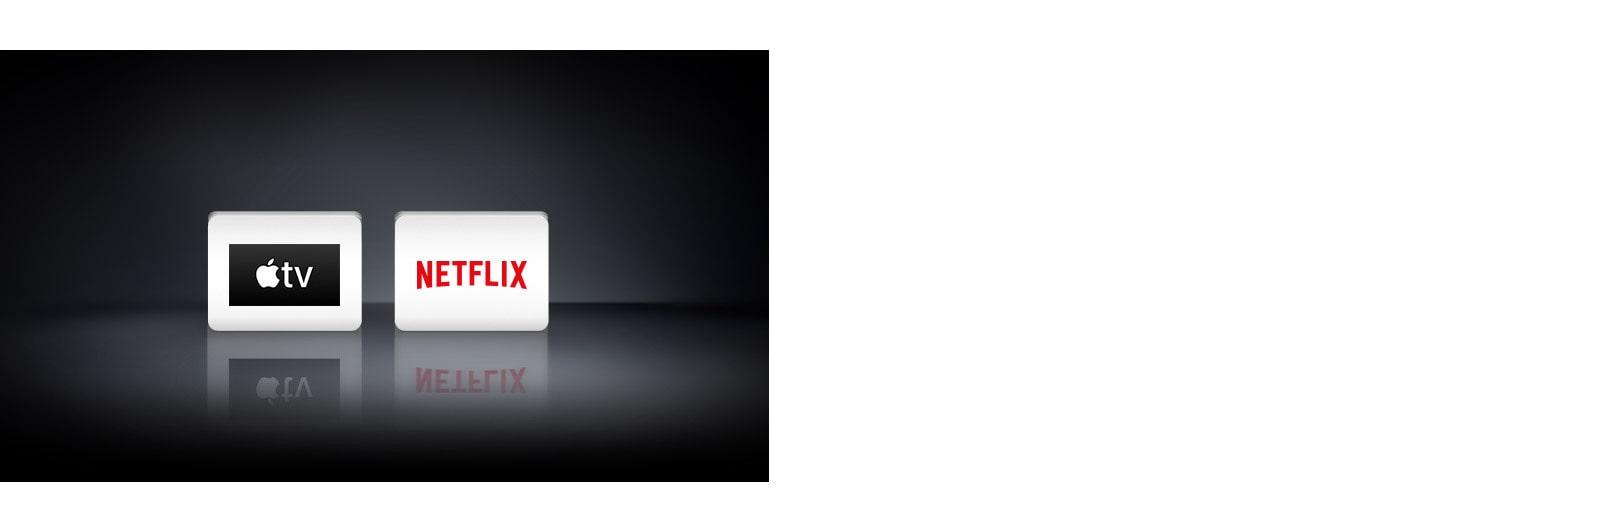 Se muestran cuatro logotipos de aplicaciones de izquierda a derecha: Apple TV y Netflix